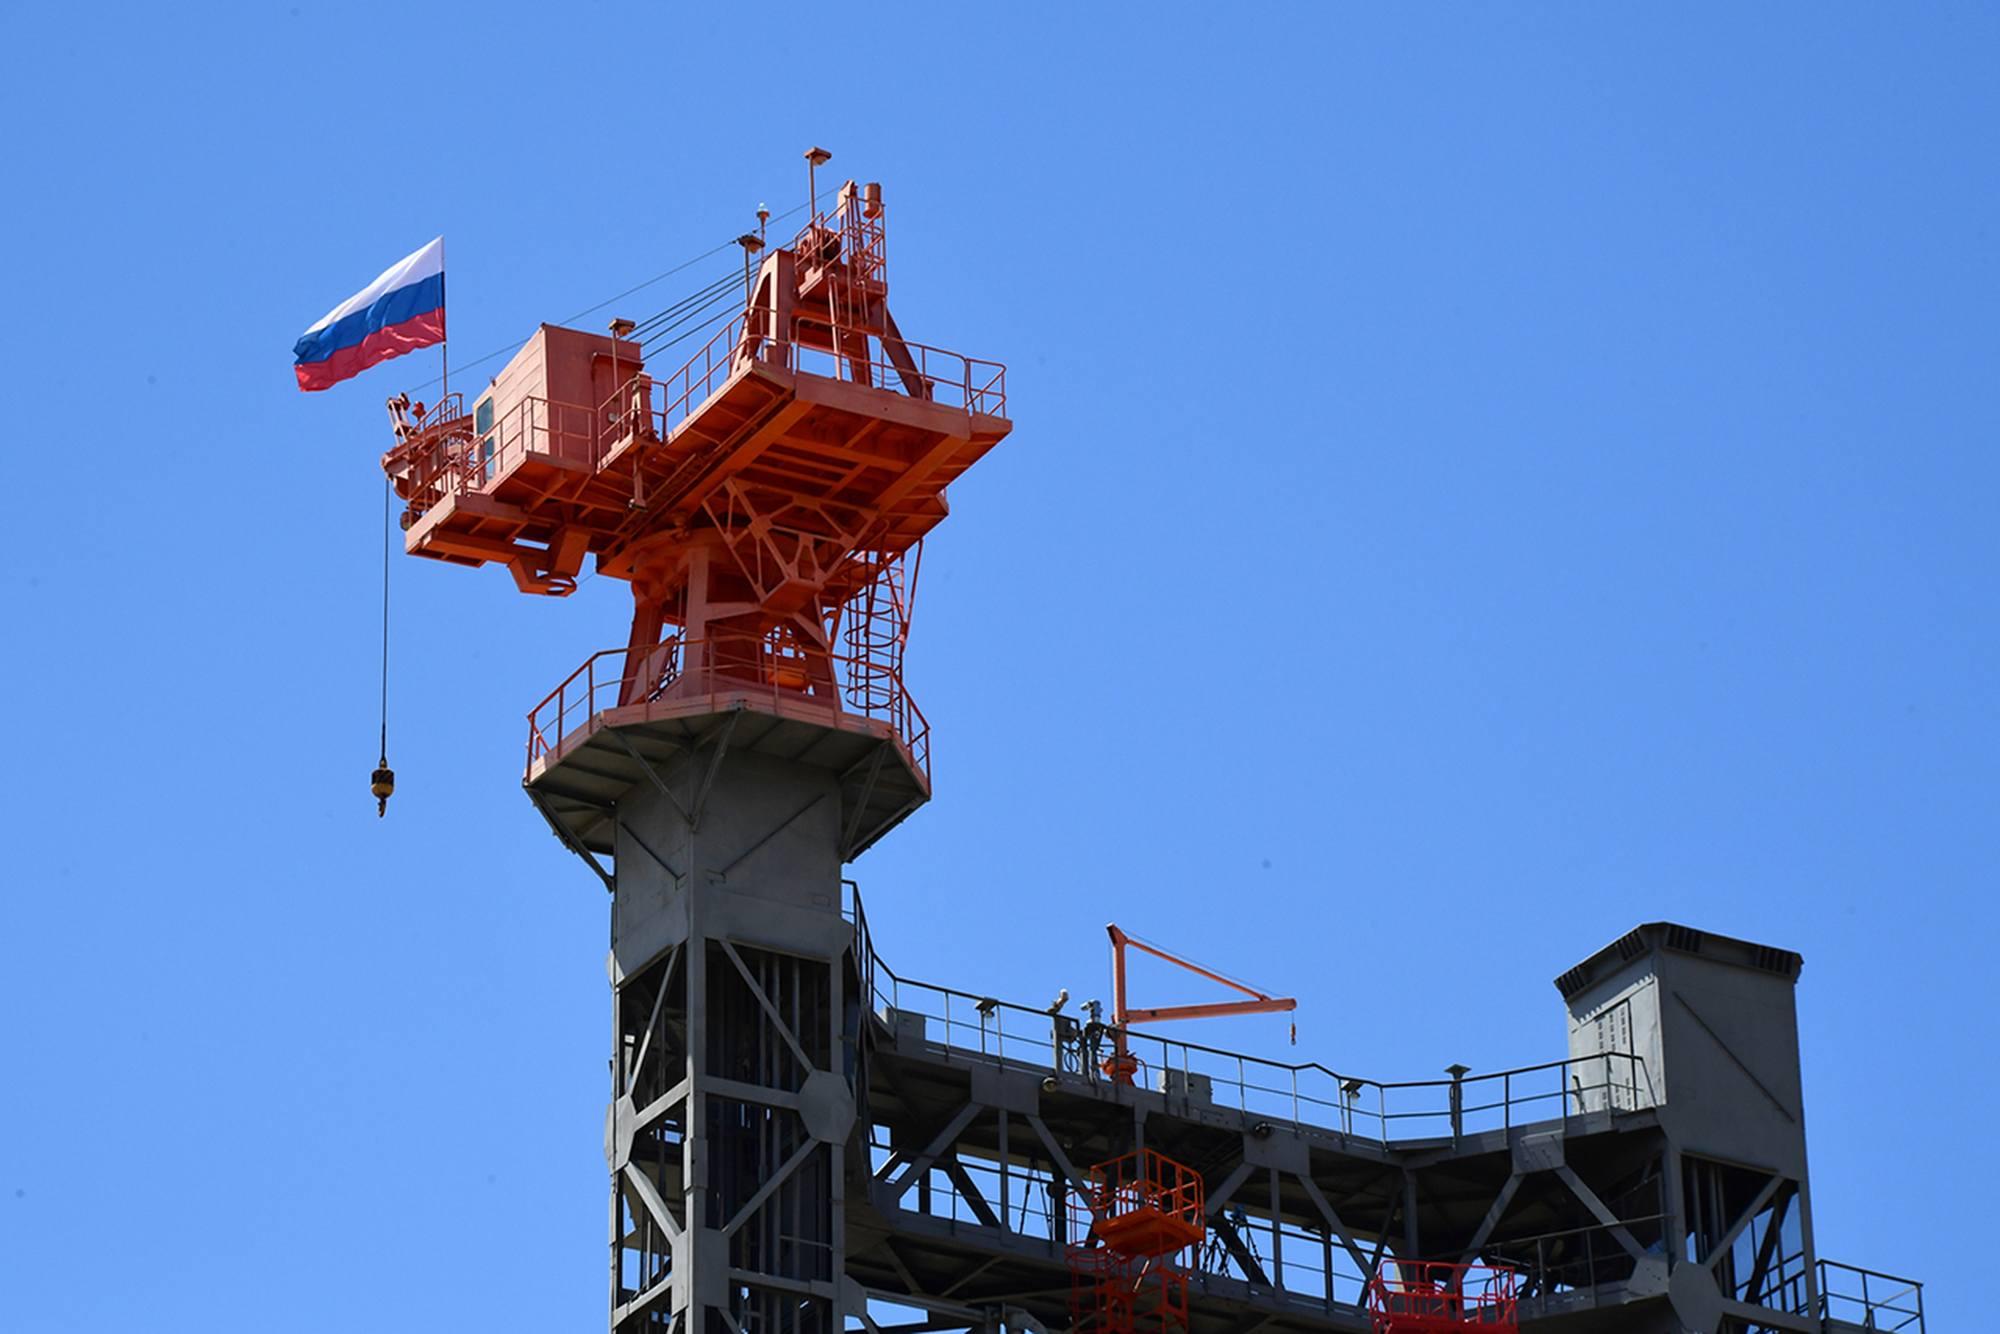 La partie supérieure de la tour mobile.